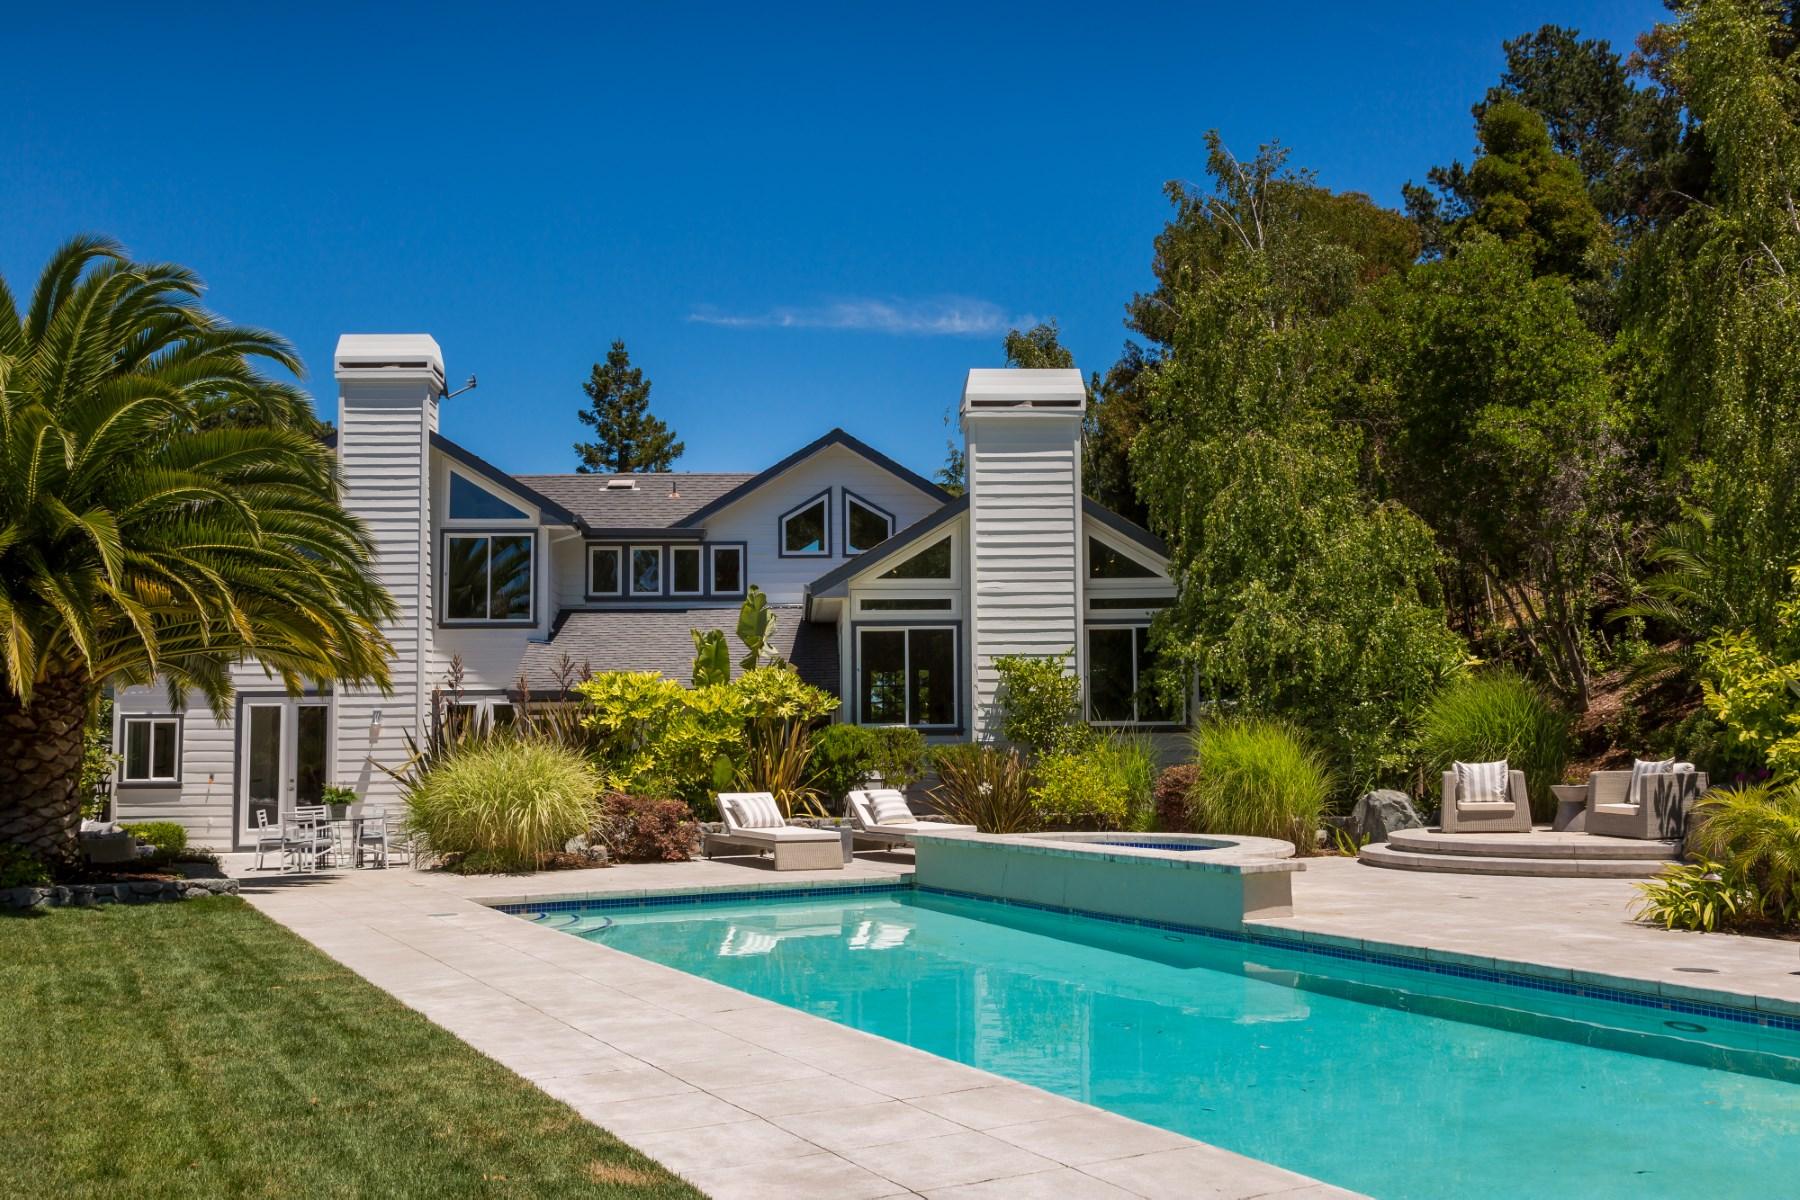 Maison unifamiliale pour l Vente à For Your Eyes Only 25 Bond Ln Tiburon, Californie, 94920 États-Unis